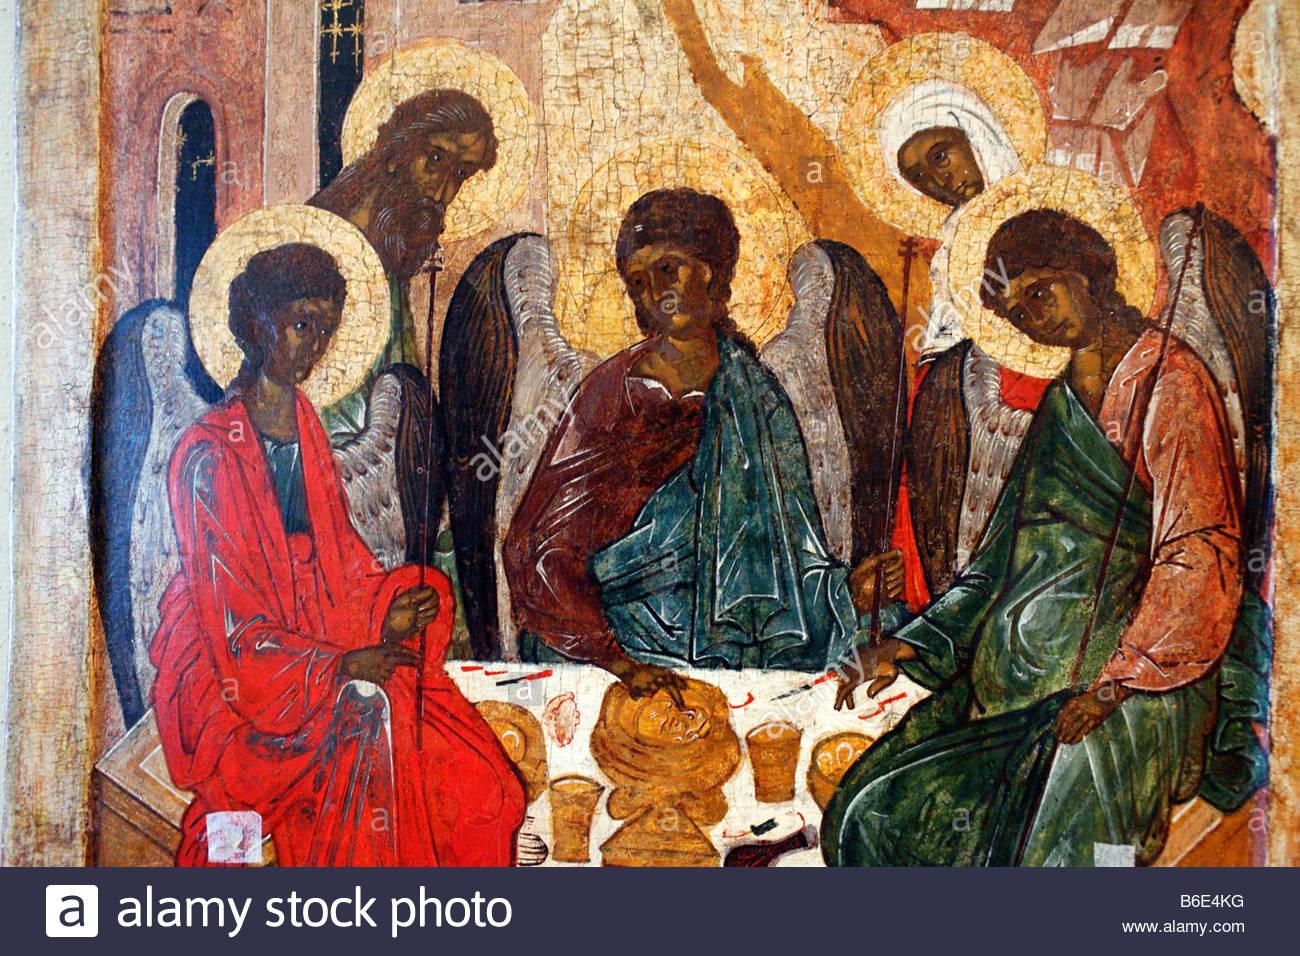 trinity-russian-icon-religious-art-saint-city-museum-pskov-russia-B6E4KG.jpg